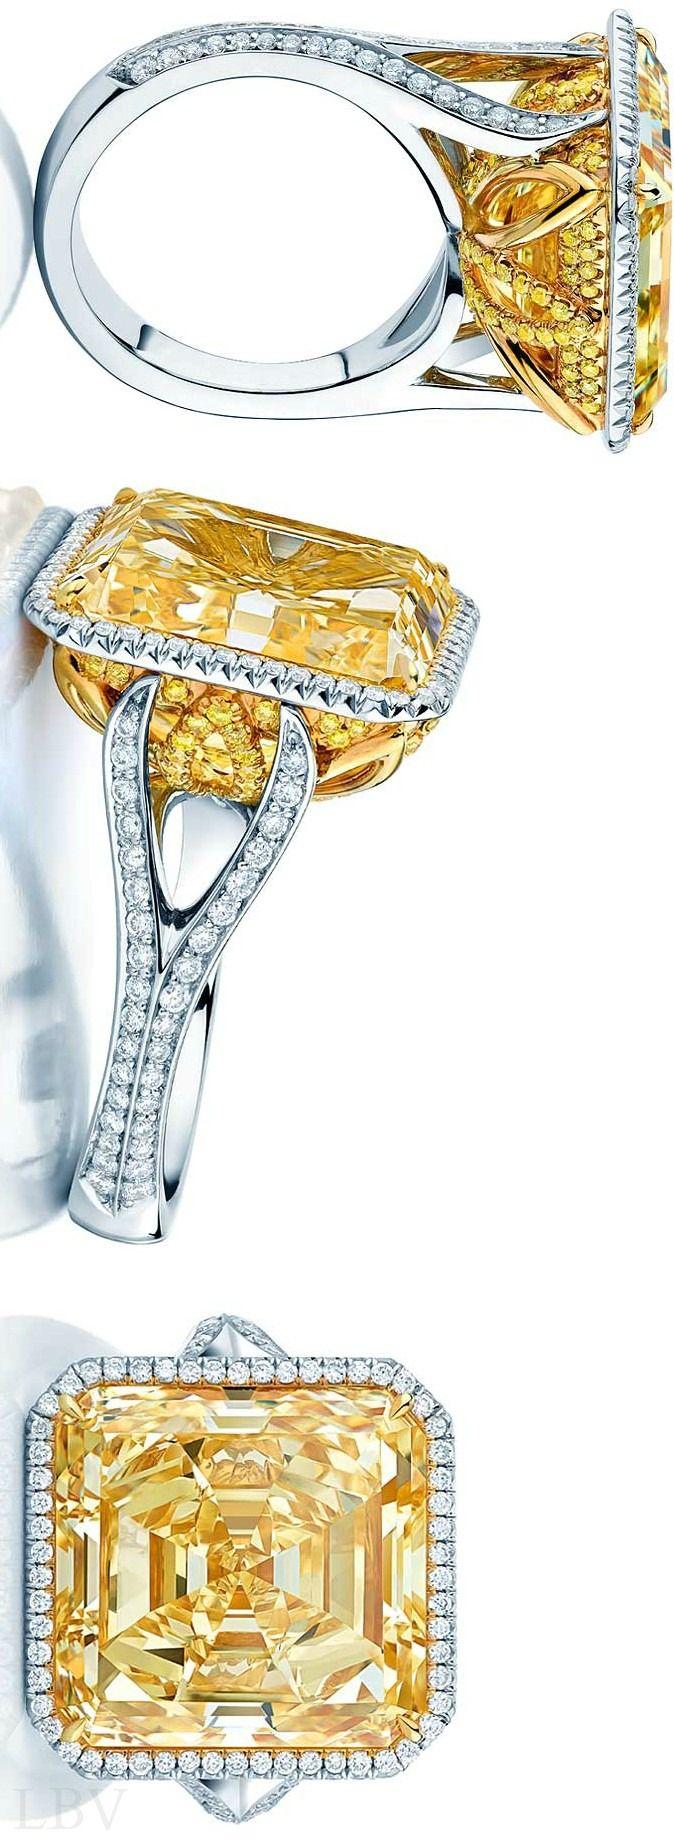 Engagement-Rings-Chicago-Geneva-Seal-Yellow-Diamonds.jpg